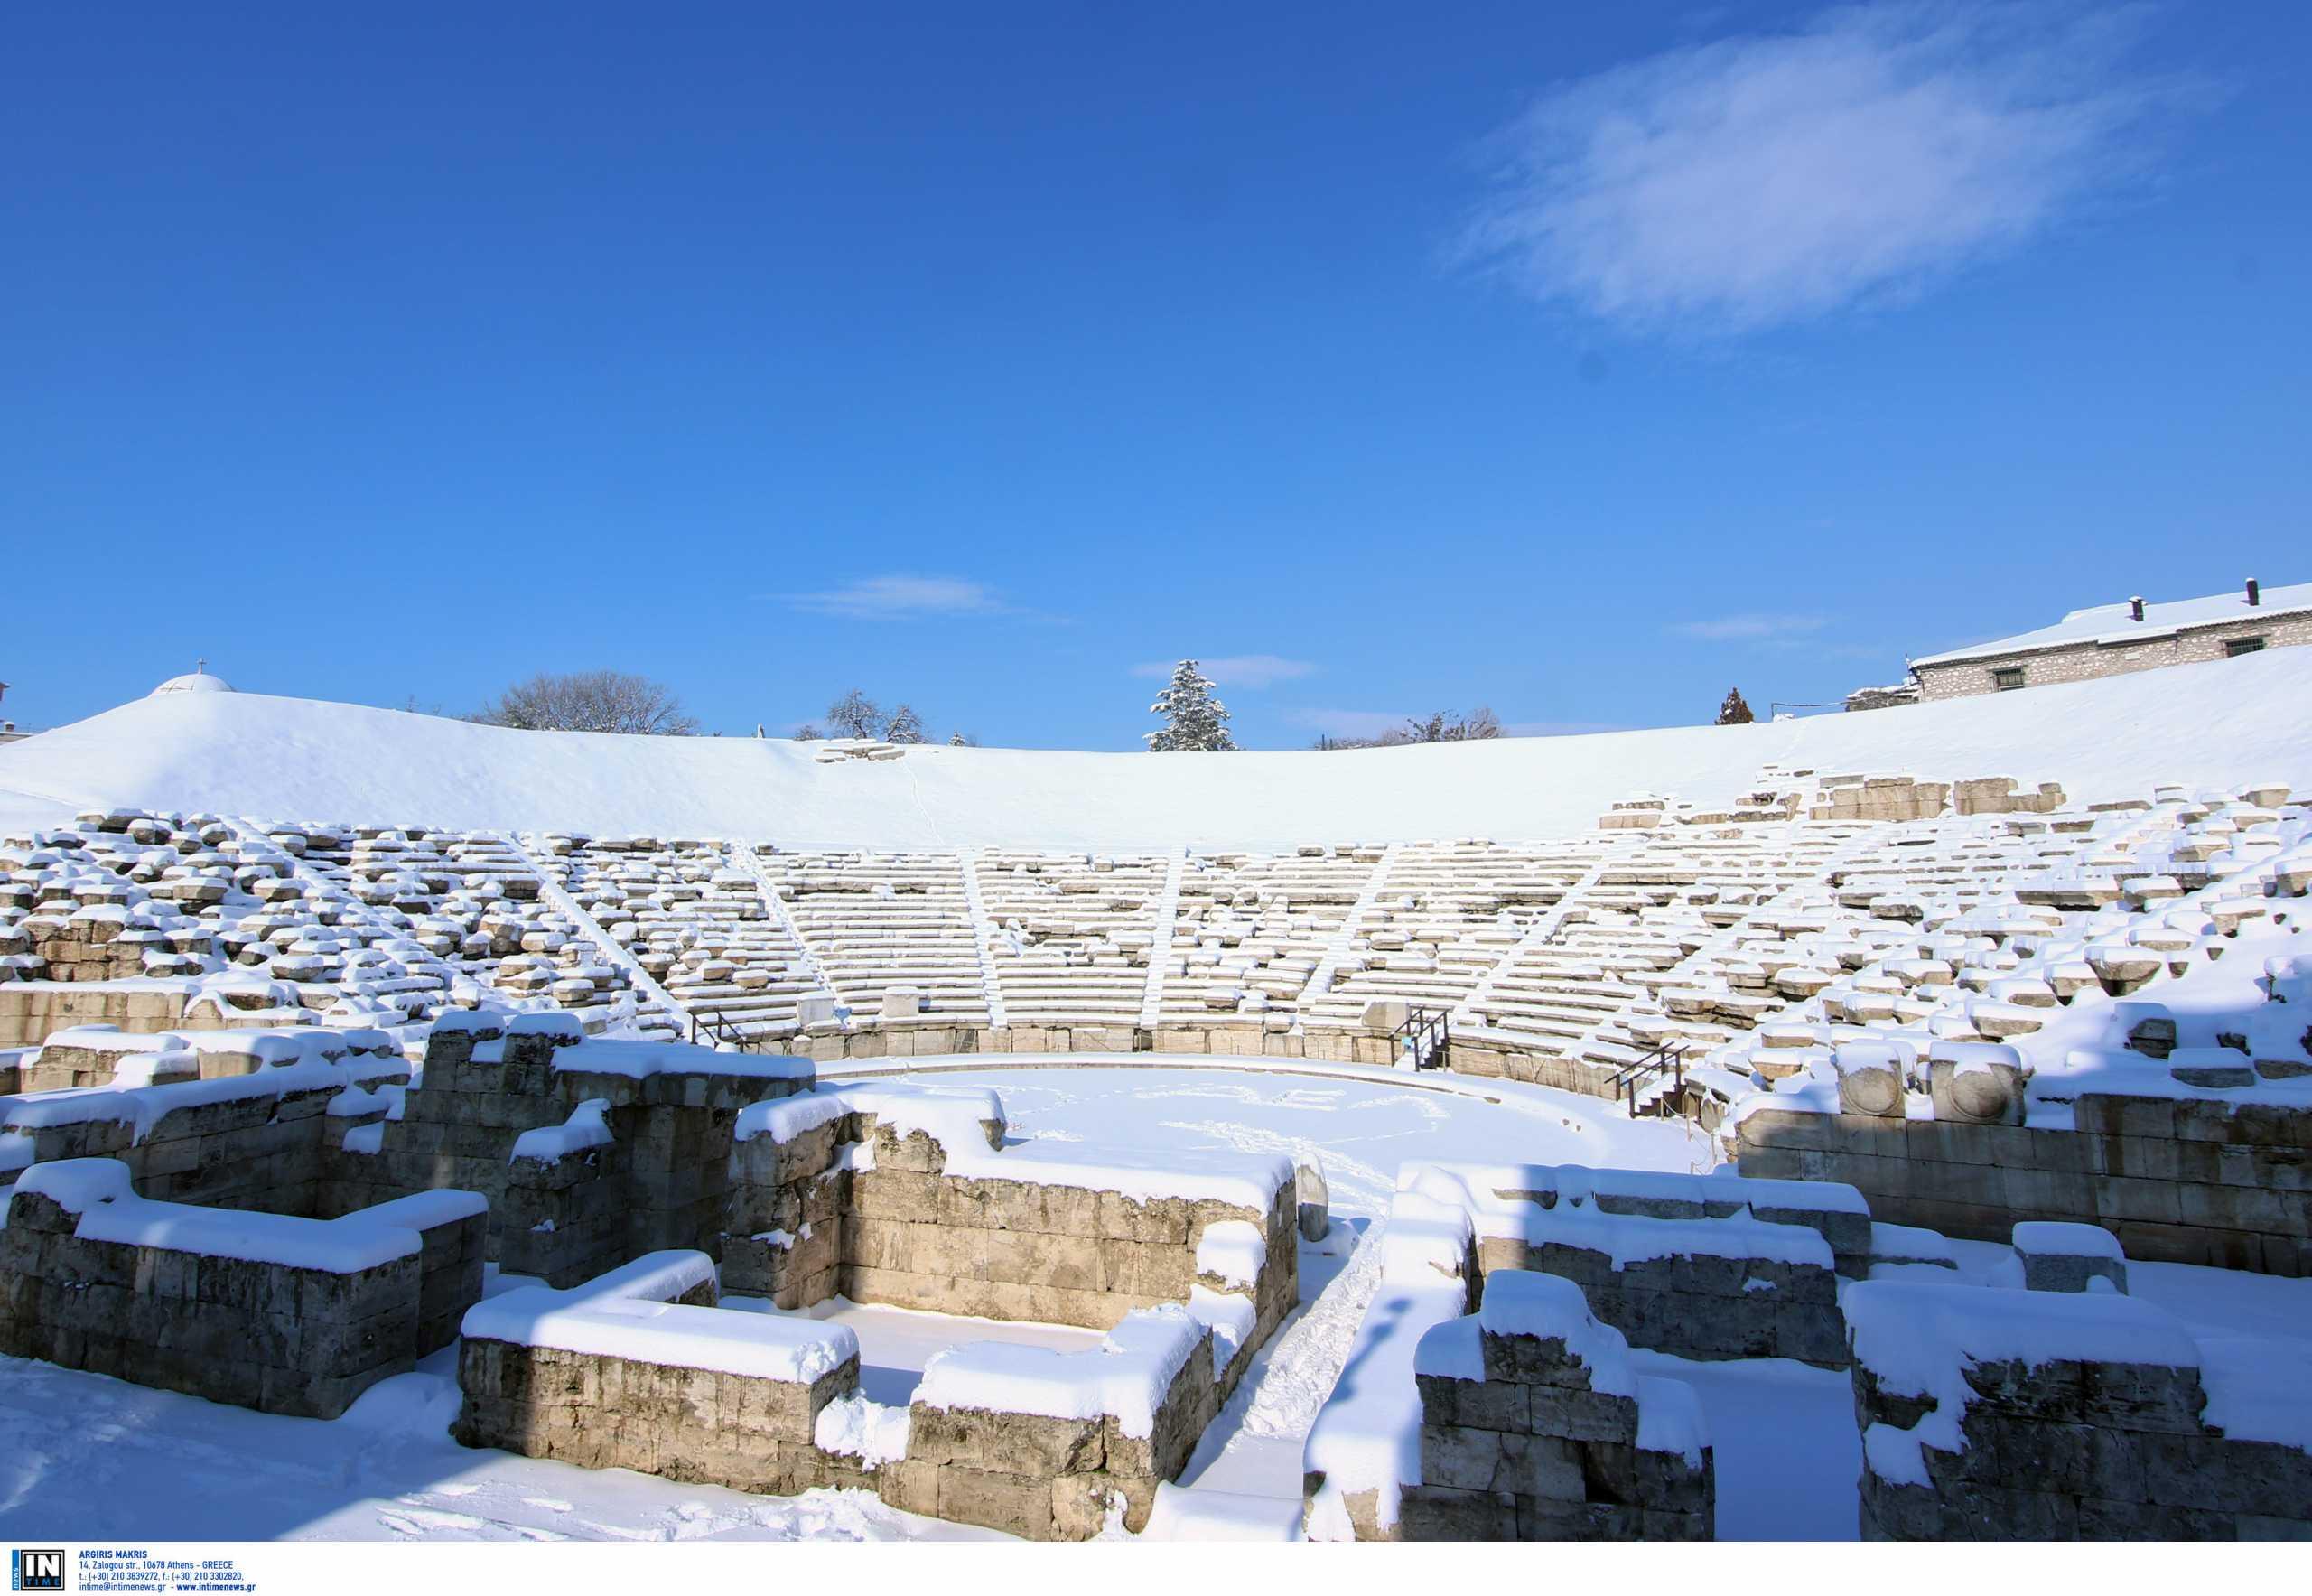 Λάρισα: Οι τουρίστες «σκανάρουν» το αρχαίο θέατρο της πόλης – Οι εντυπώσεις από την αυτοψία τους